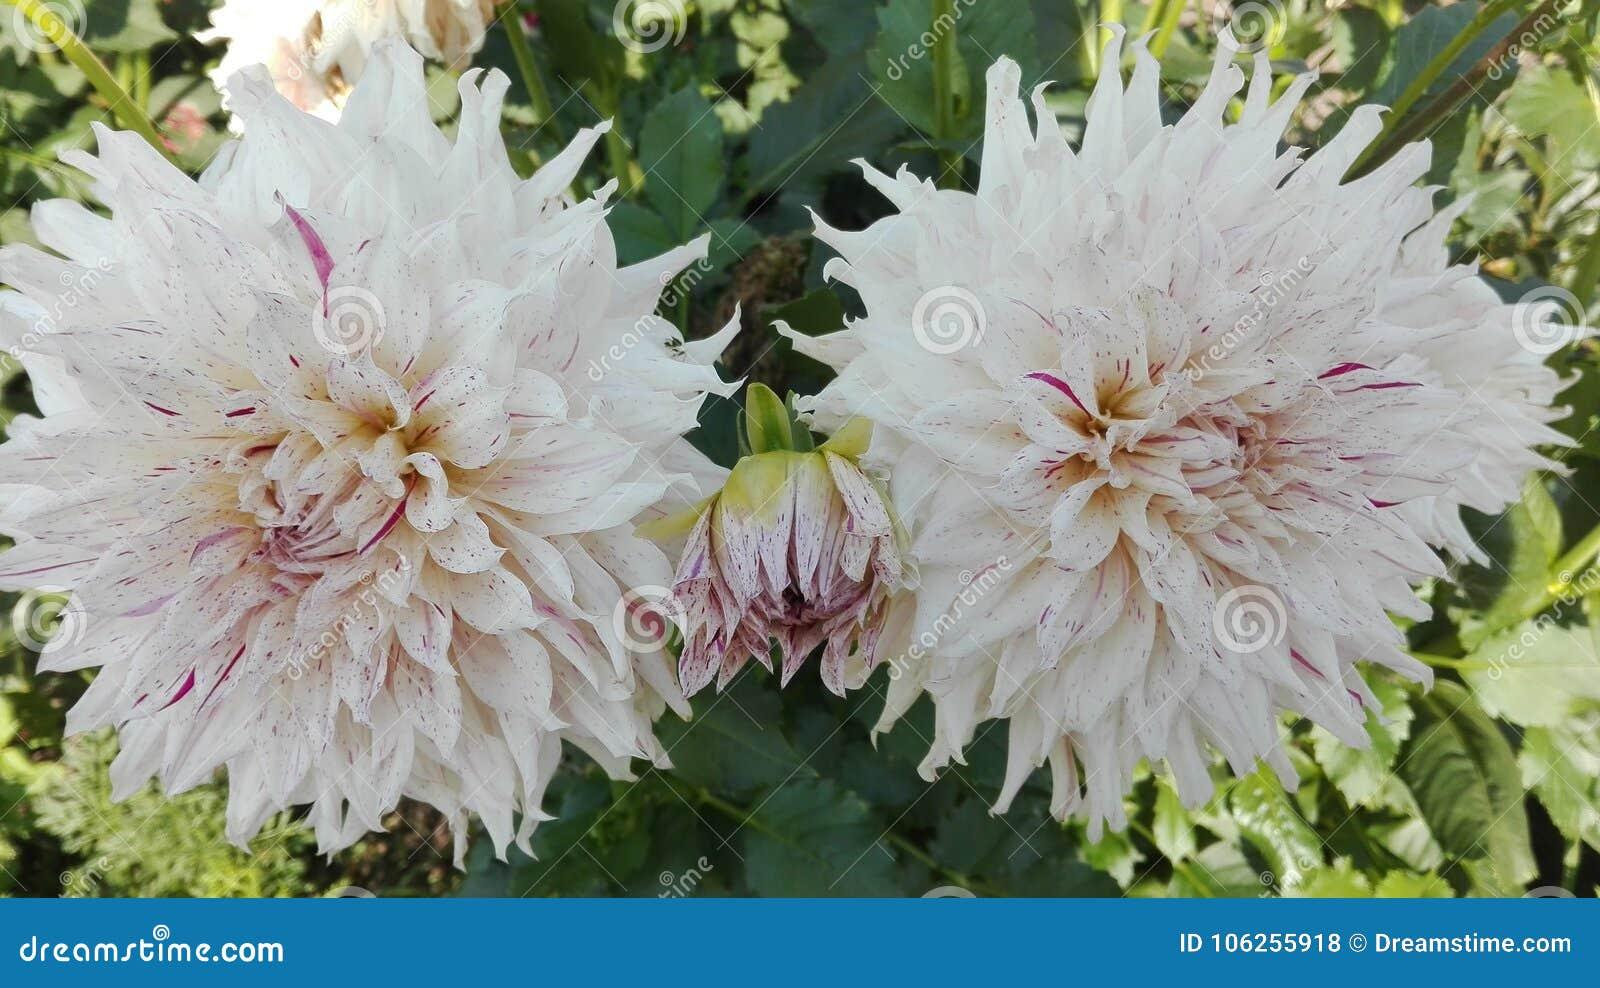 White chrysanthemum flower stock photo image of chrysanthemum white chrysanthemum flower mightylinksfo